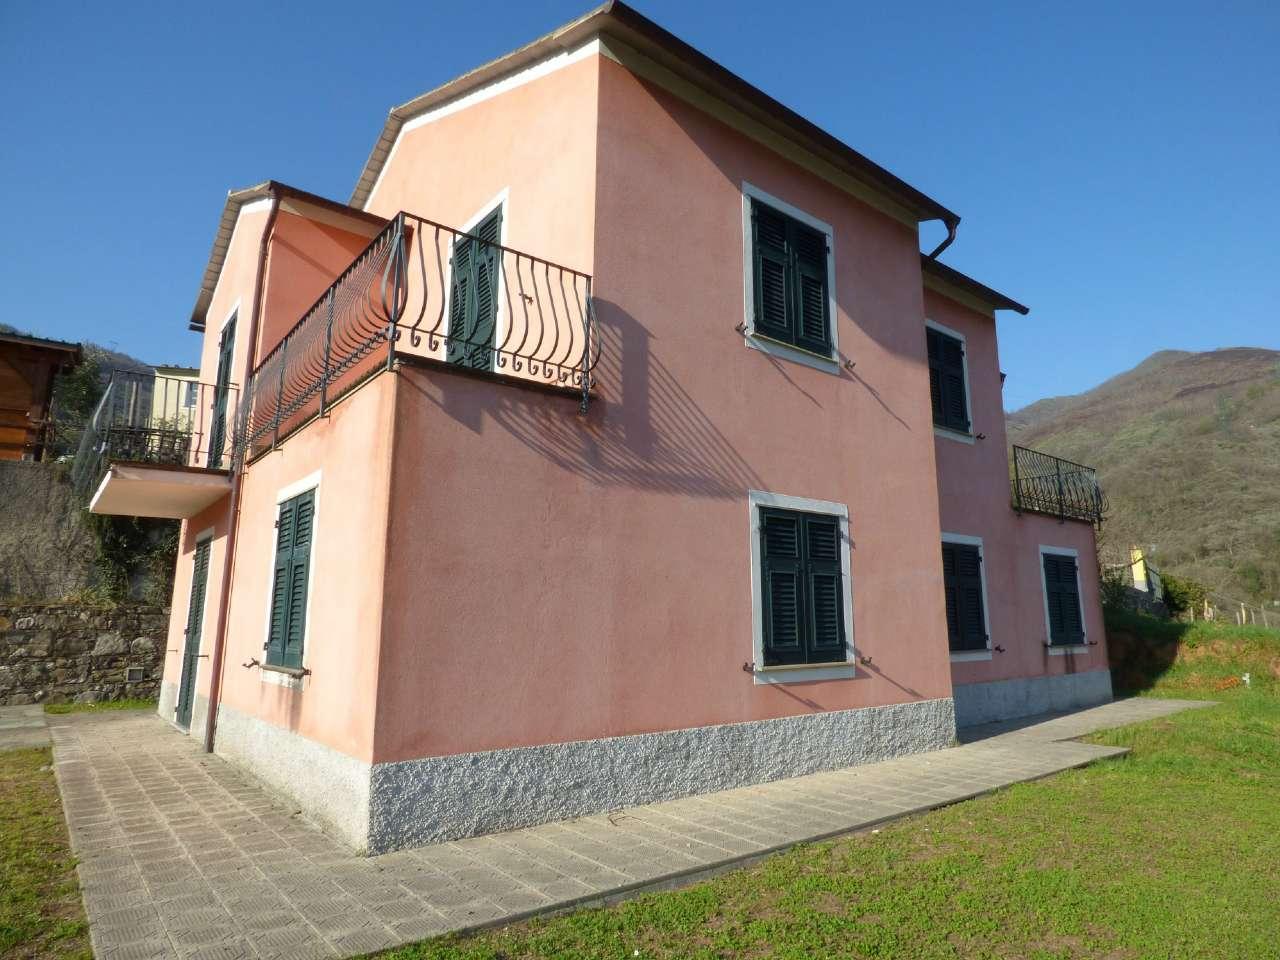 Soluzione Indipendente in vendita a Moconesi, 8 locali, prezzo € 380.000 | CambioCasa.it